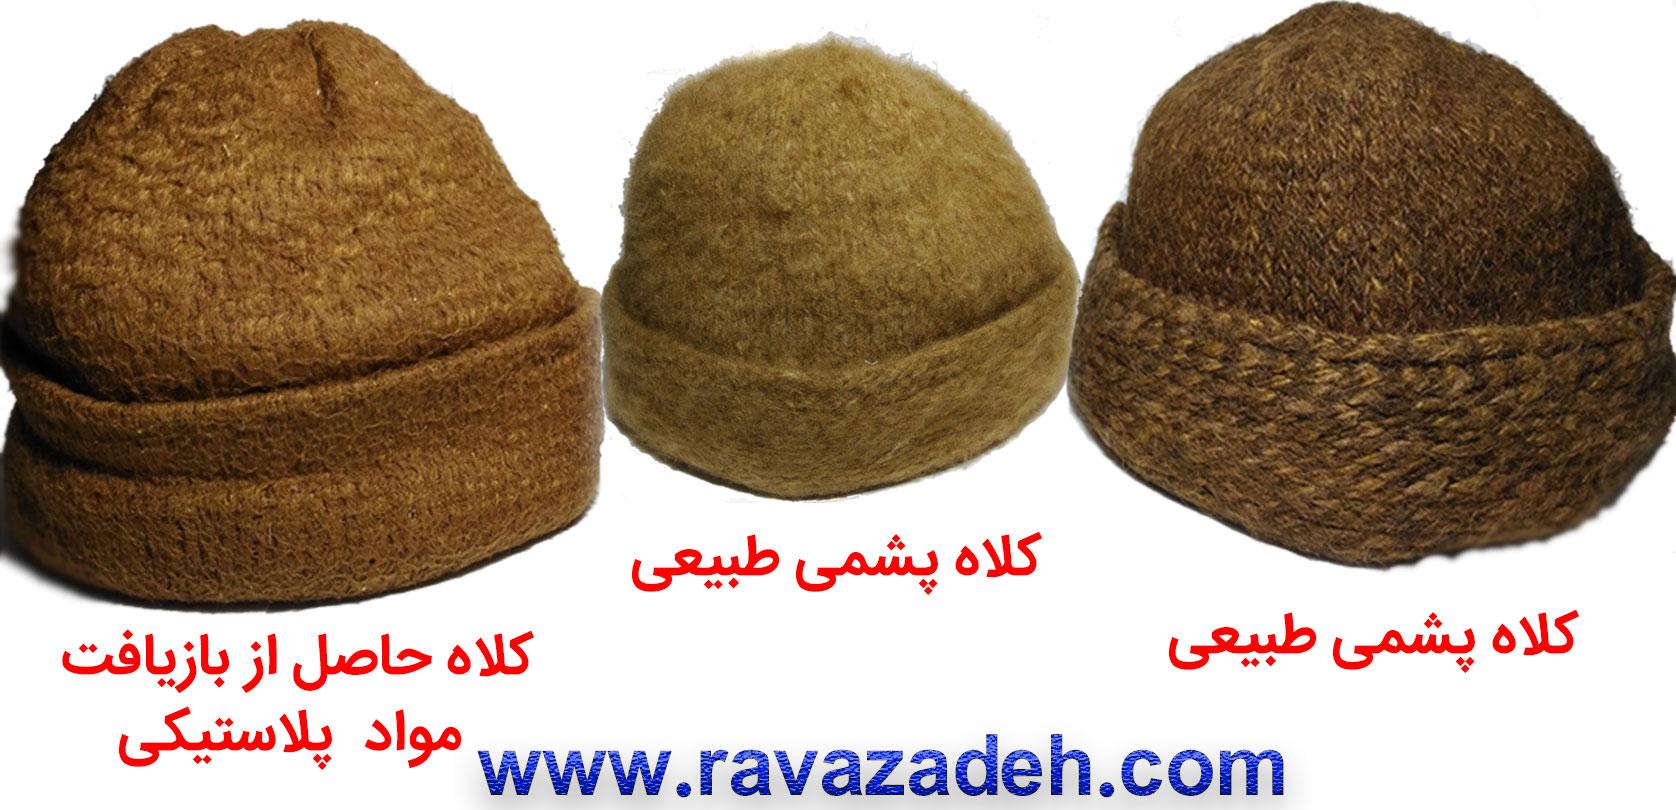 Photo of کلاهی که دشمن بر سرمان می گذارد را بشناسیم/ توزیع کلاه پشمی تقلبی (غیر طبیعی)